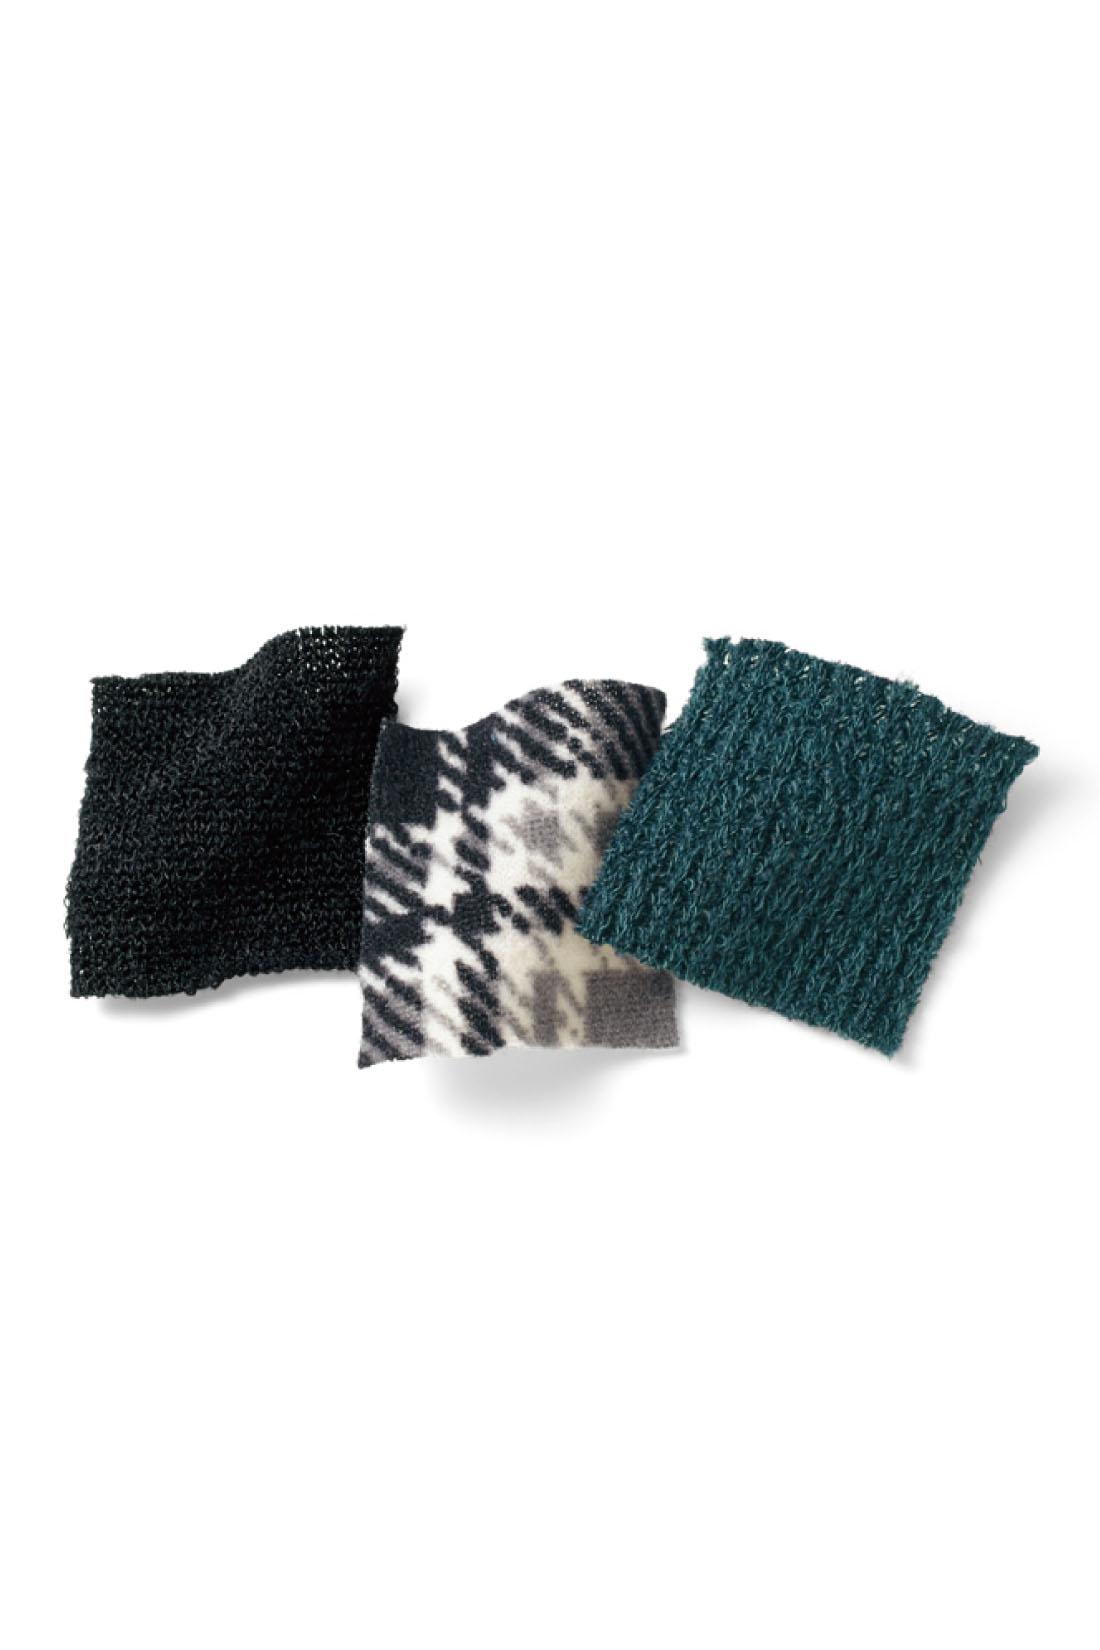 落ち感がきれいなカーディガンは、縦うねの表面感がきれいなニットソー。チュニックの身ごろは、暖かみと上質感のあるほどよい厚みの起毛カットソー。袖は無地でメリハリ感アップ。